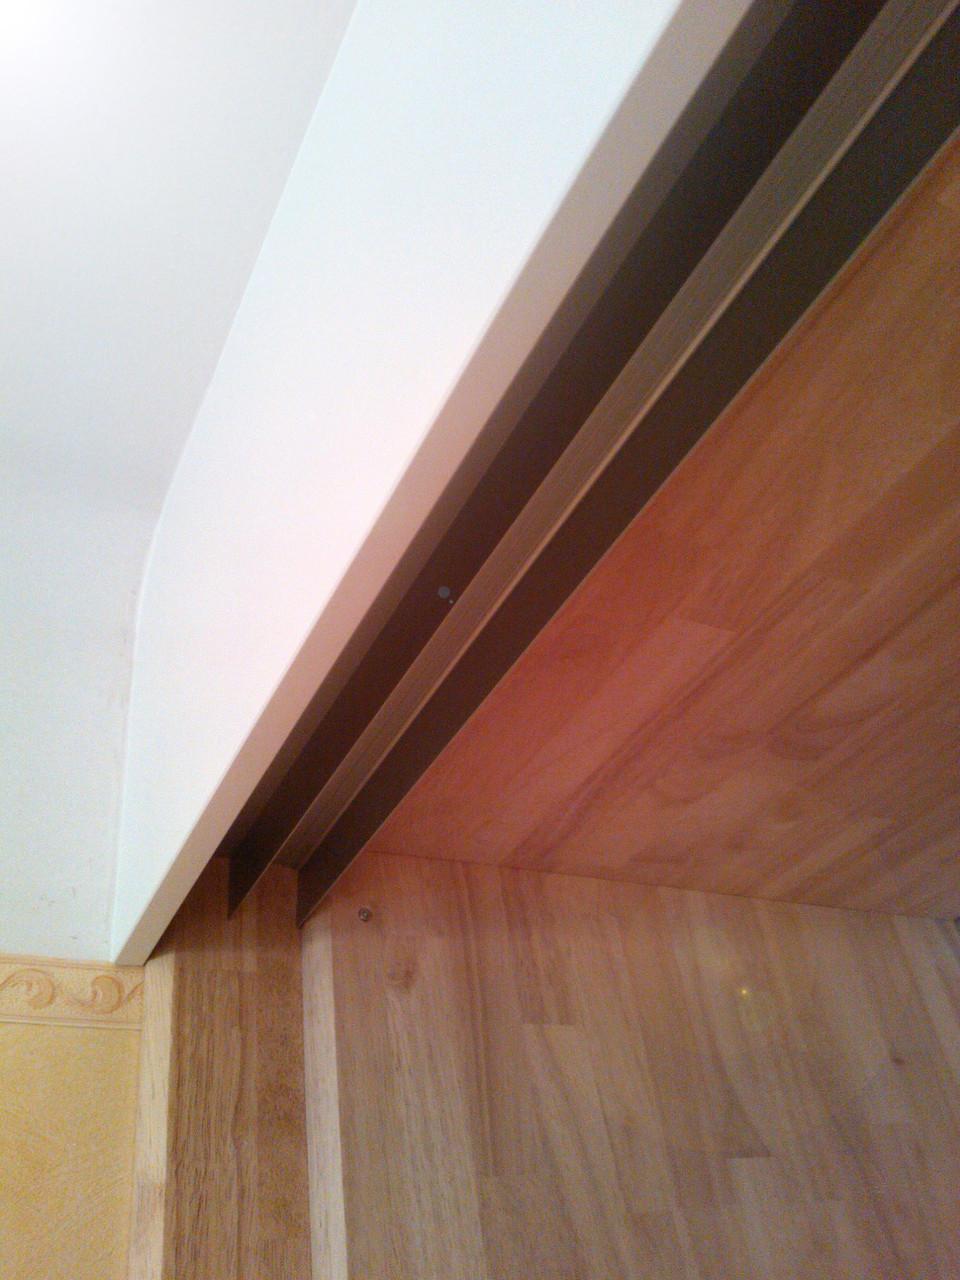 habillage haut (continuité du plafond et cache rail coulissant)